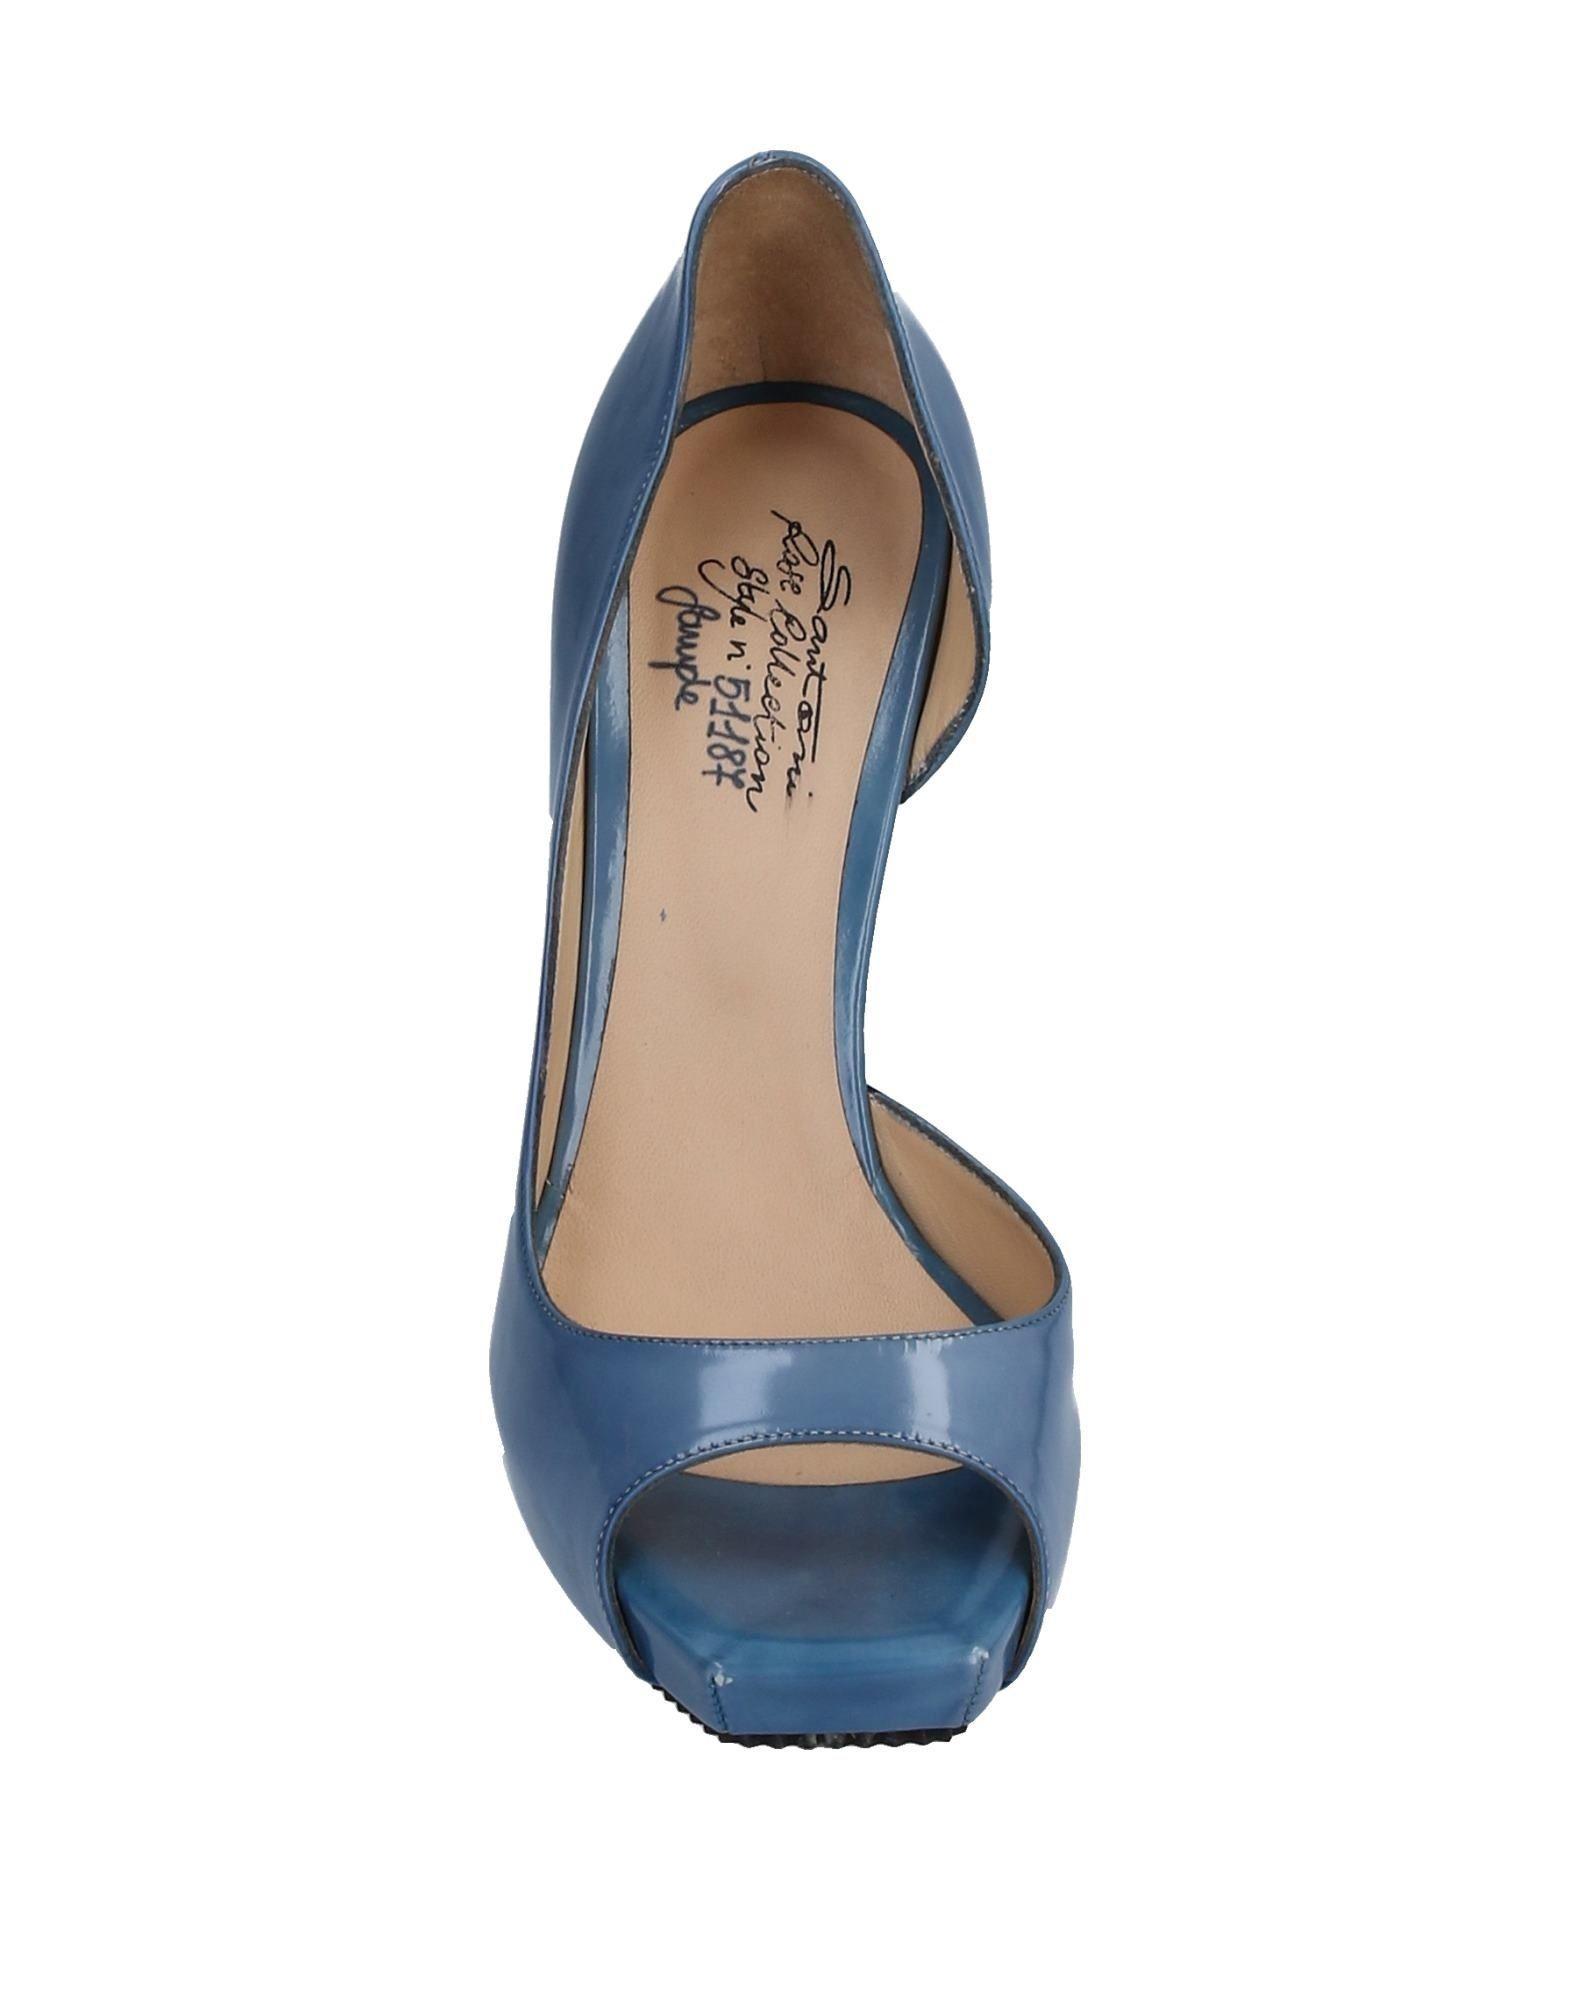 Zapatos de salón Santoni de Cuero de color Azul